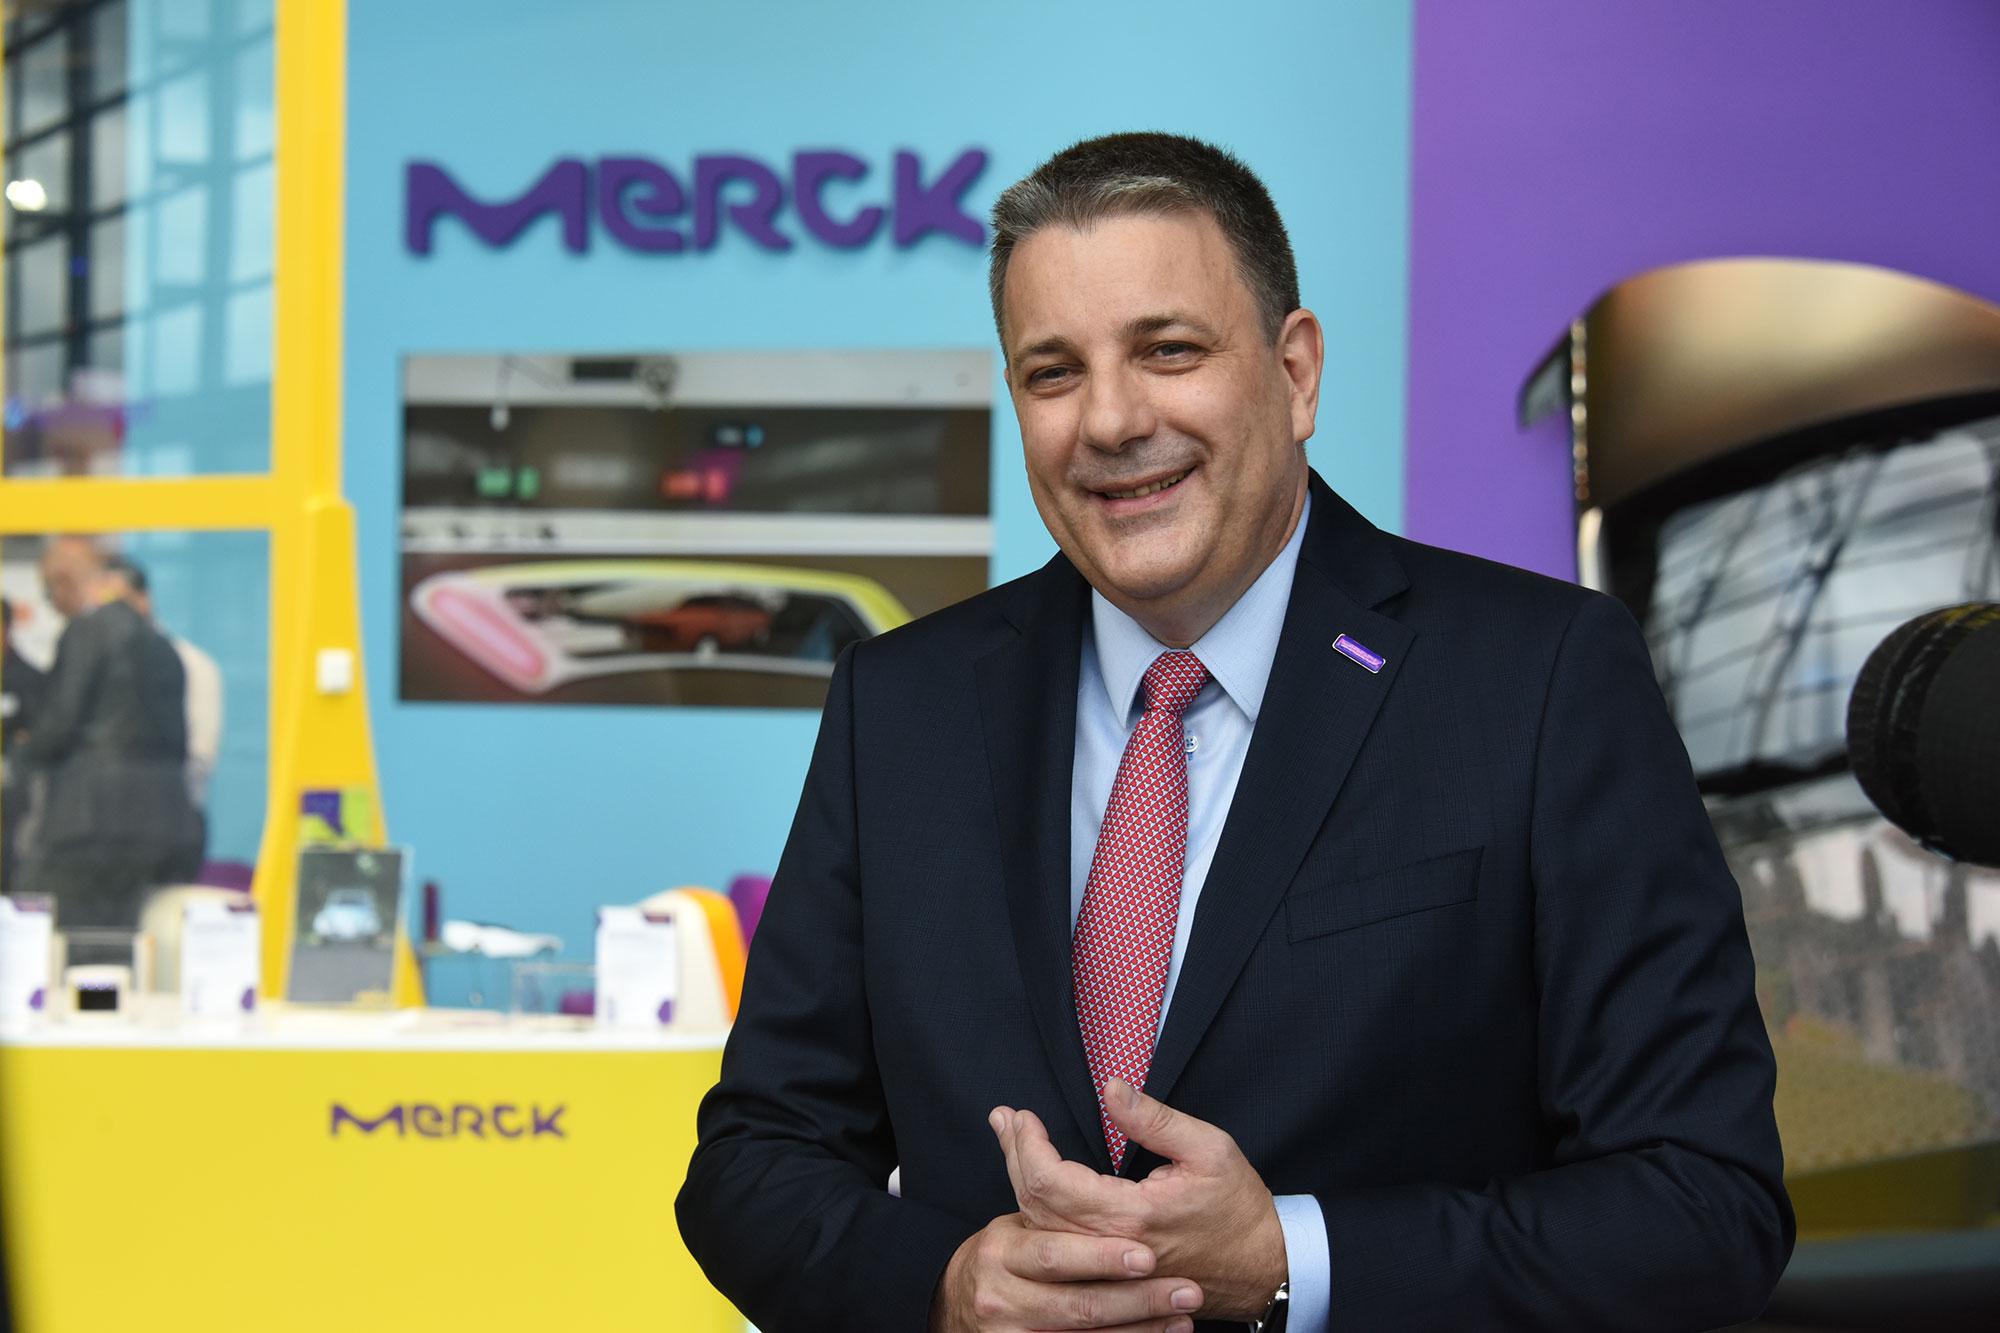 Merck IAA 2017